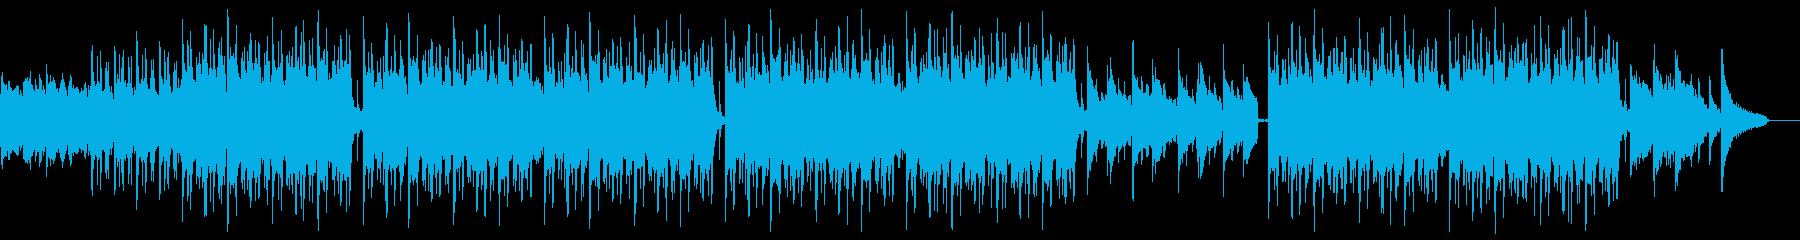 明るいピアノバイオリンポップ:Eギター抜の再生済みの波形